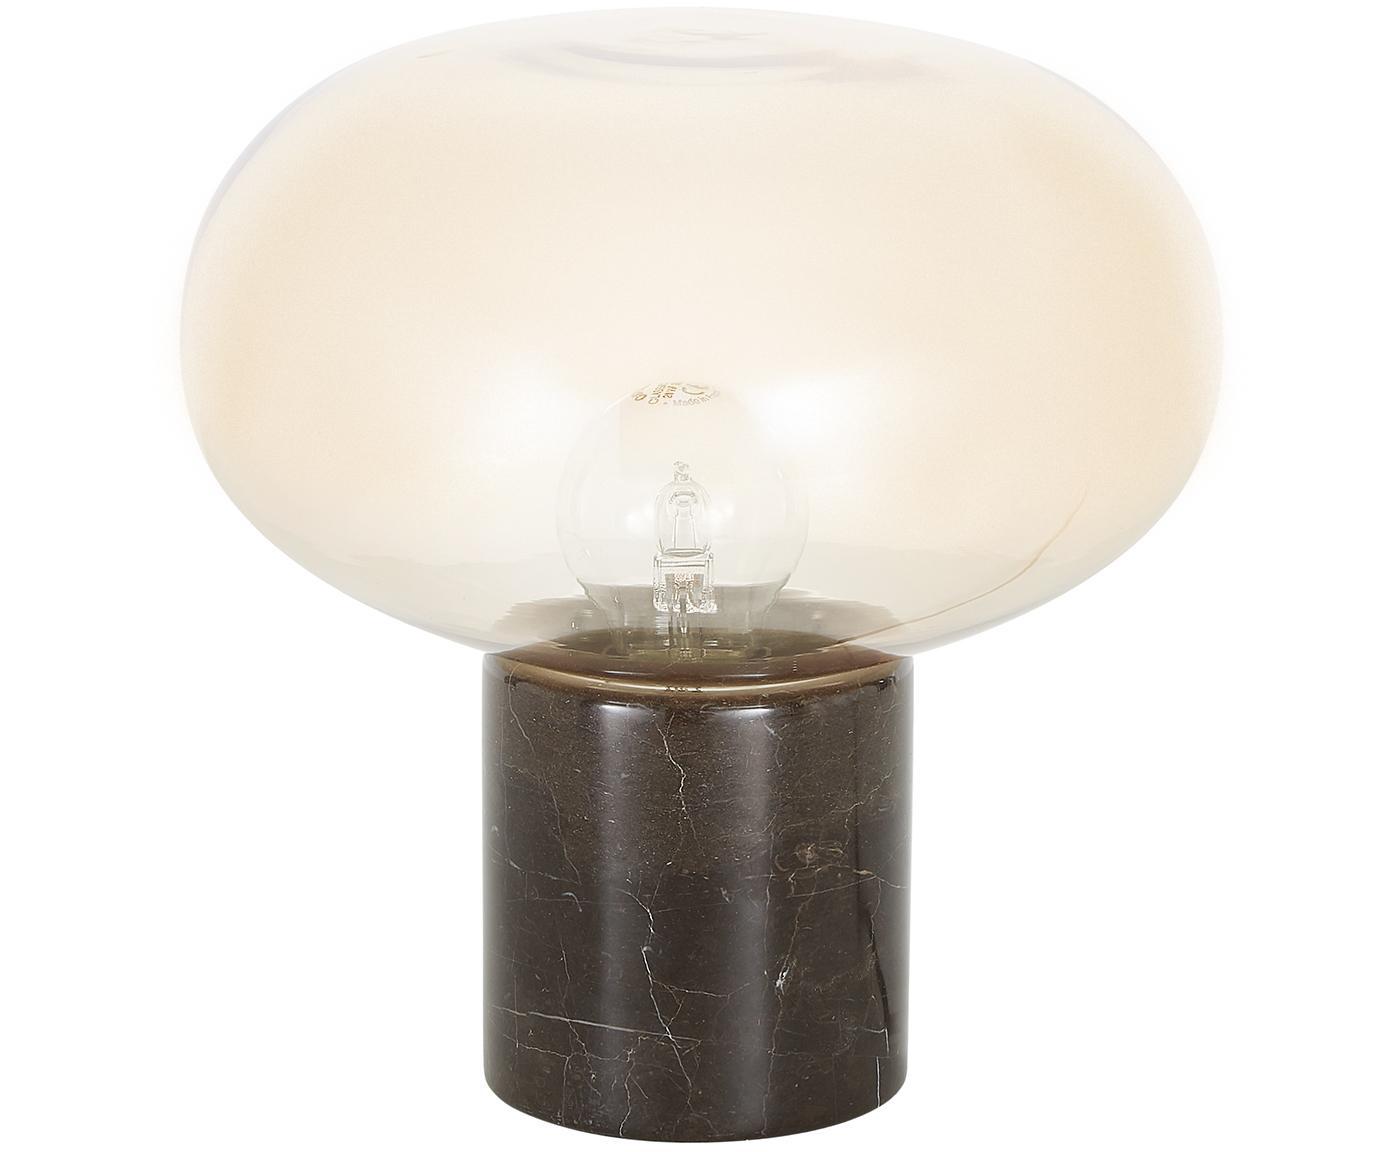 Tischleuchte Alma mit Marmorfuß, Lampenfuß: Marmor, Lampenschirm: Glas, Lampenfuß: Brauner MarmorLampenschirm: Bernsteinfarben, transparent, Ø 23 x H 24 cm